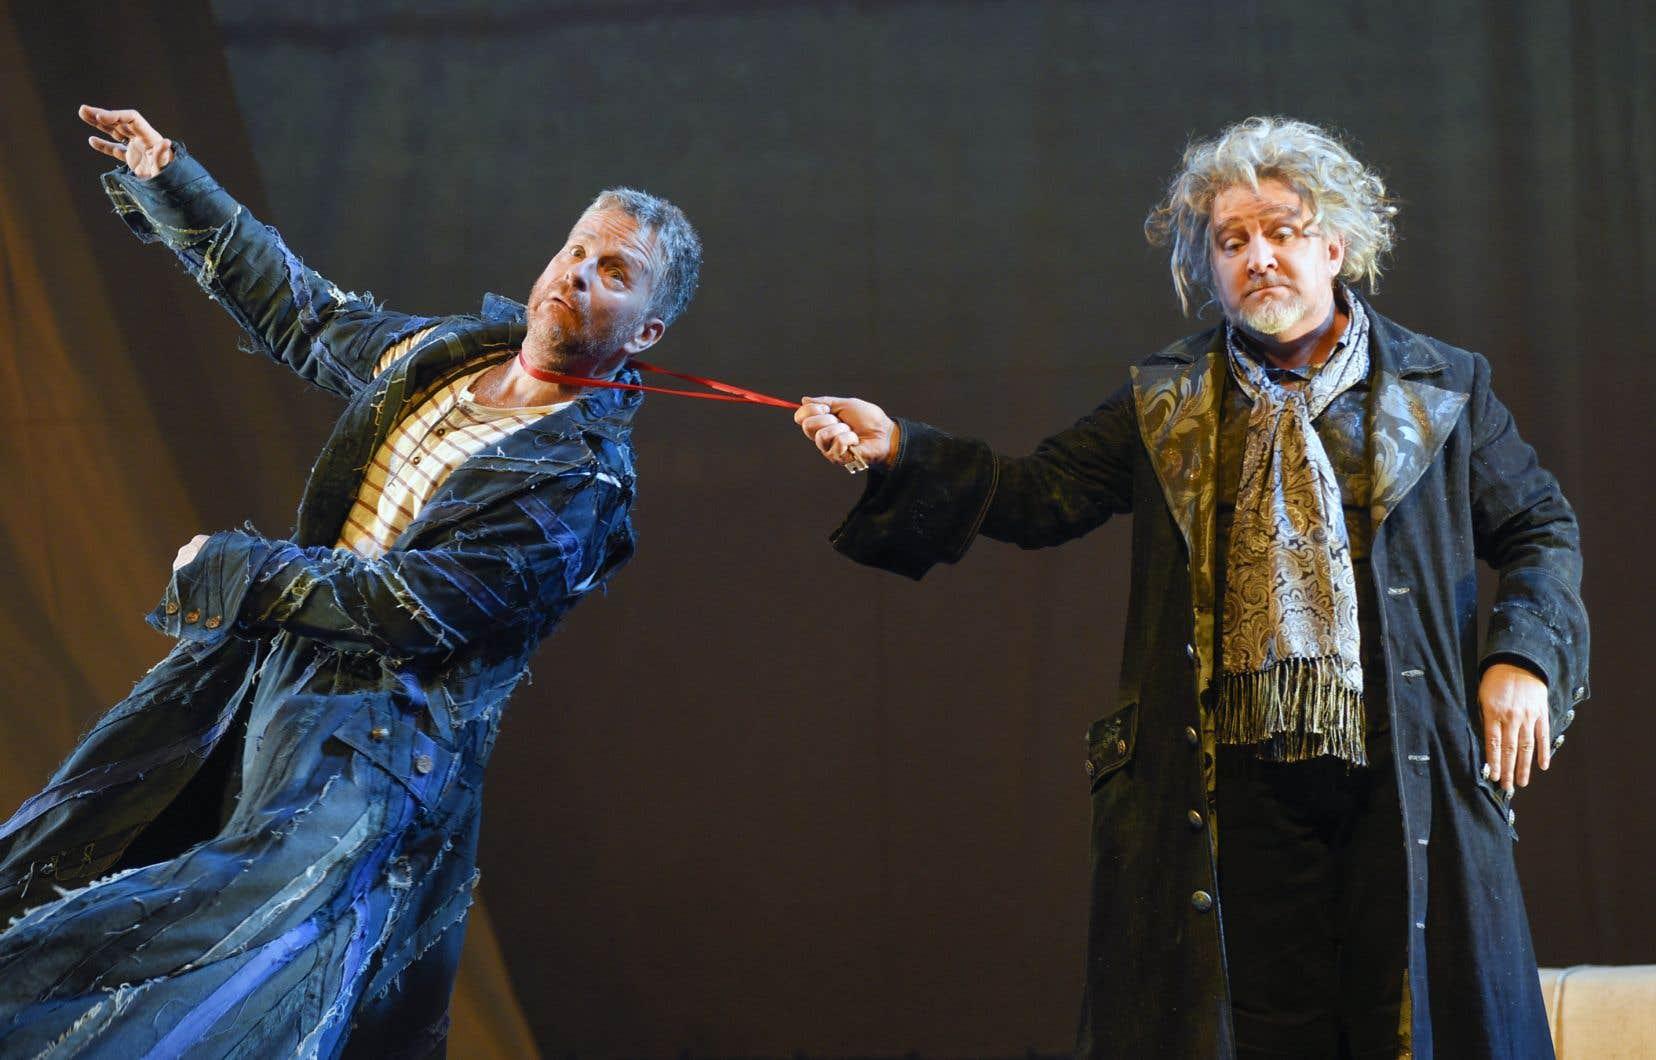 Le drôle de Benoît Brière (à droite) en Géronte est irrésistible et en Scapin, André Robitaille réussit à être agile autant dans les manigances que dans la répartie du personnage.